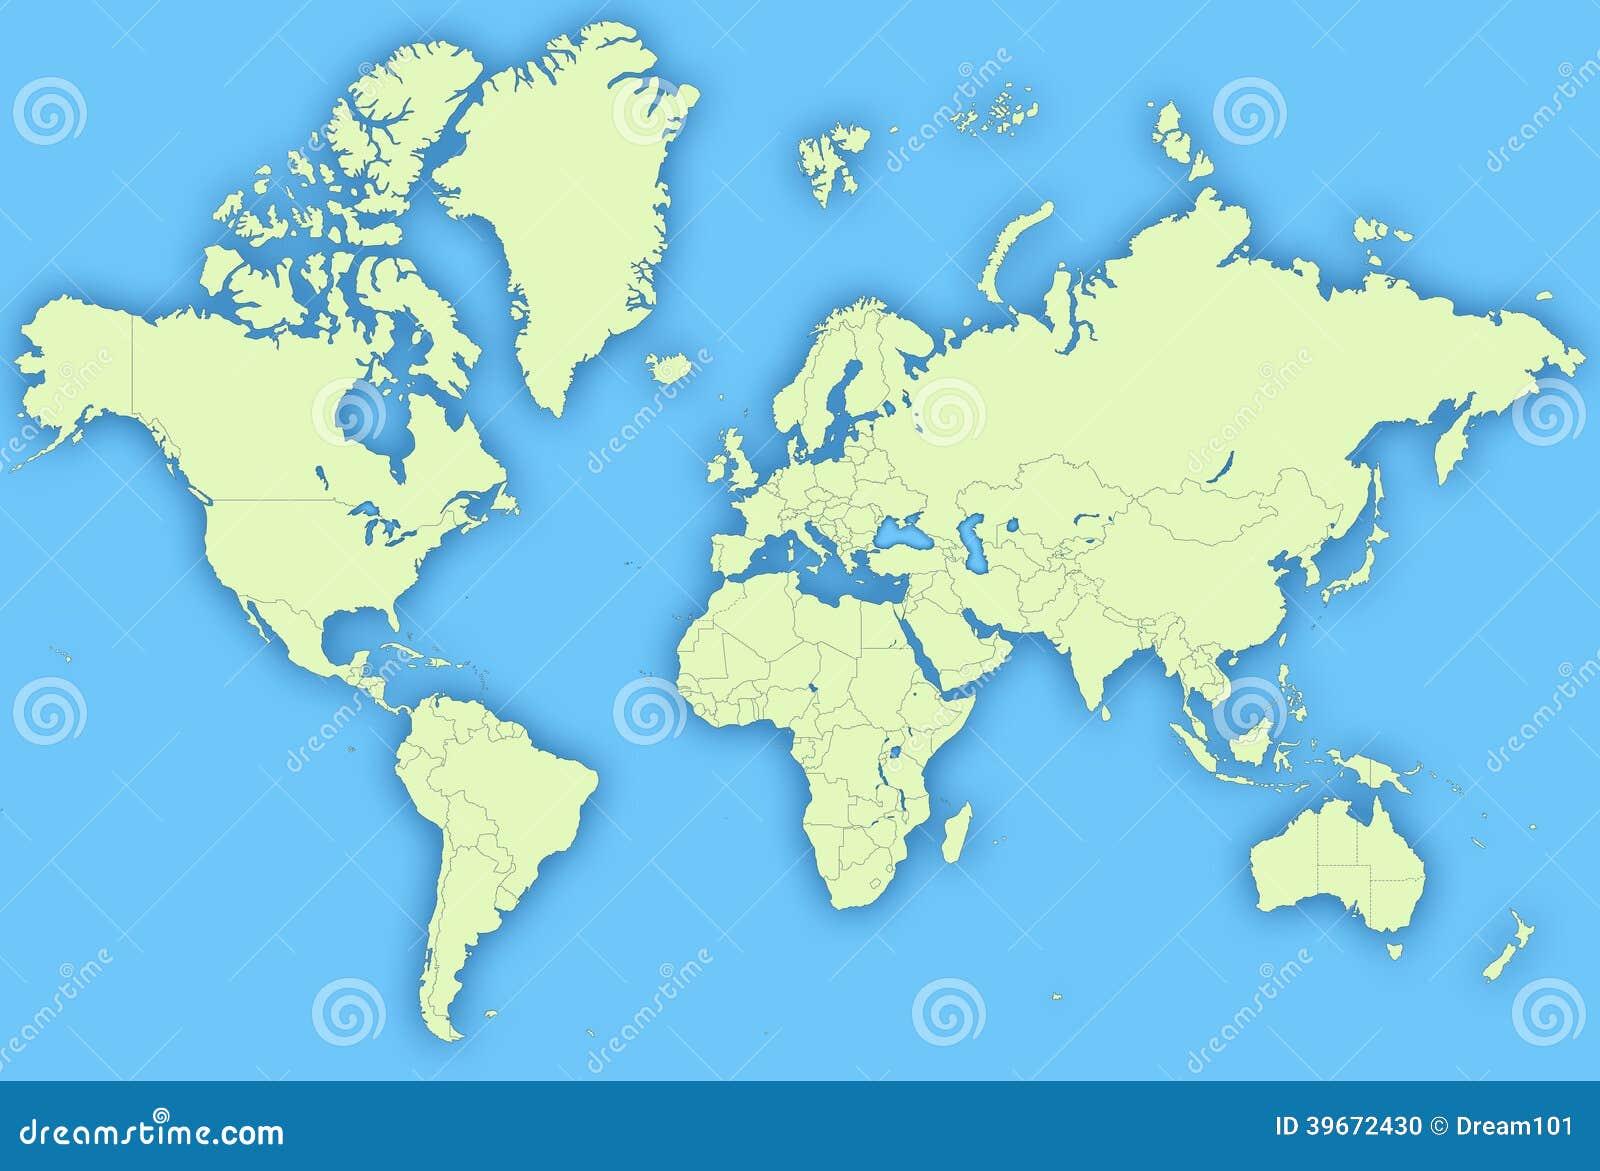 World Map stock illustration. Illustration of euroasia ...